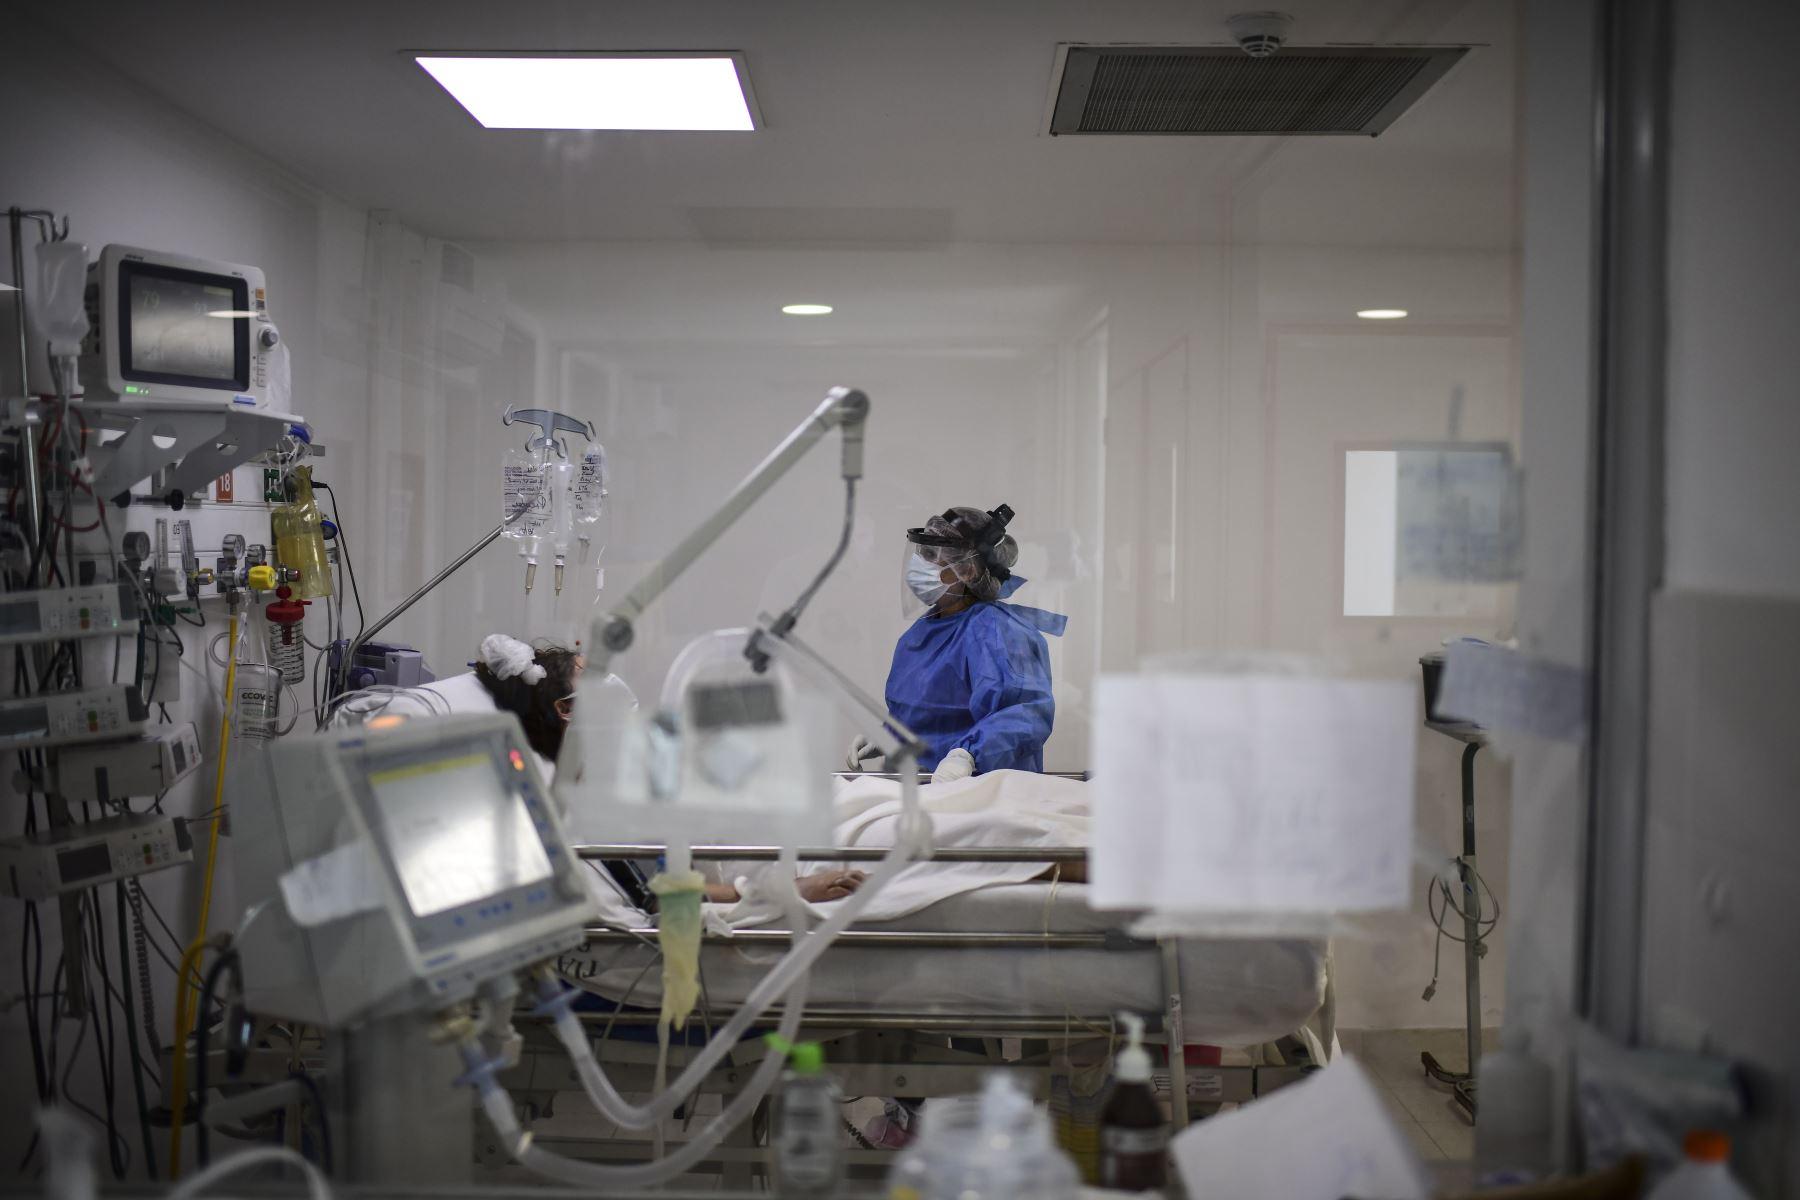 Un médico atiende a un paciente con la enfermedad del nuevo coronavirus, en el Hospital Nacional Profesor Alejandro Posadas, en el municipio de El Palomar, provincia de Buenos Aires. Foto: AFP